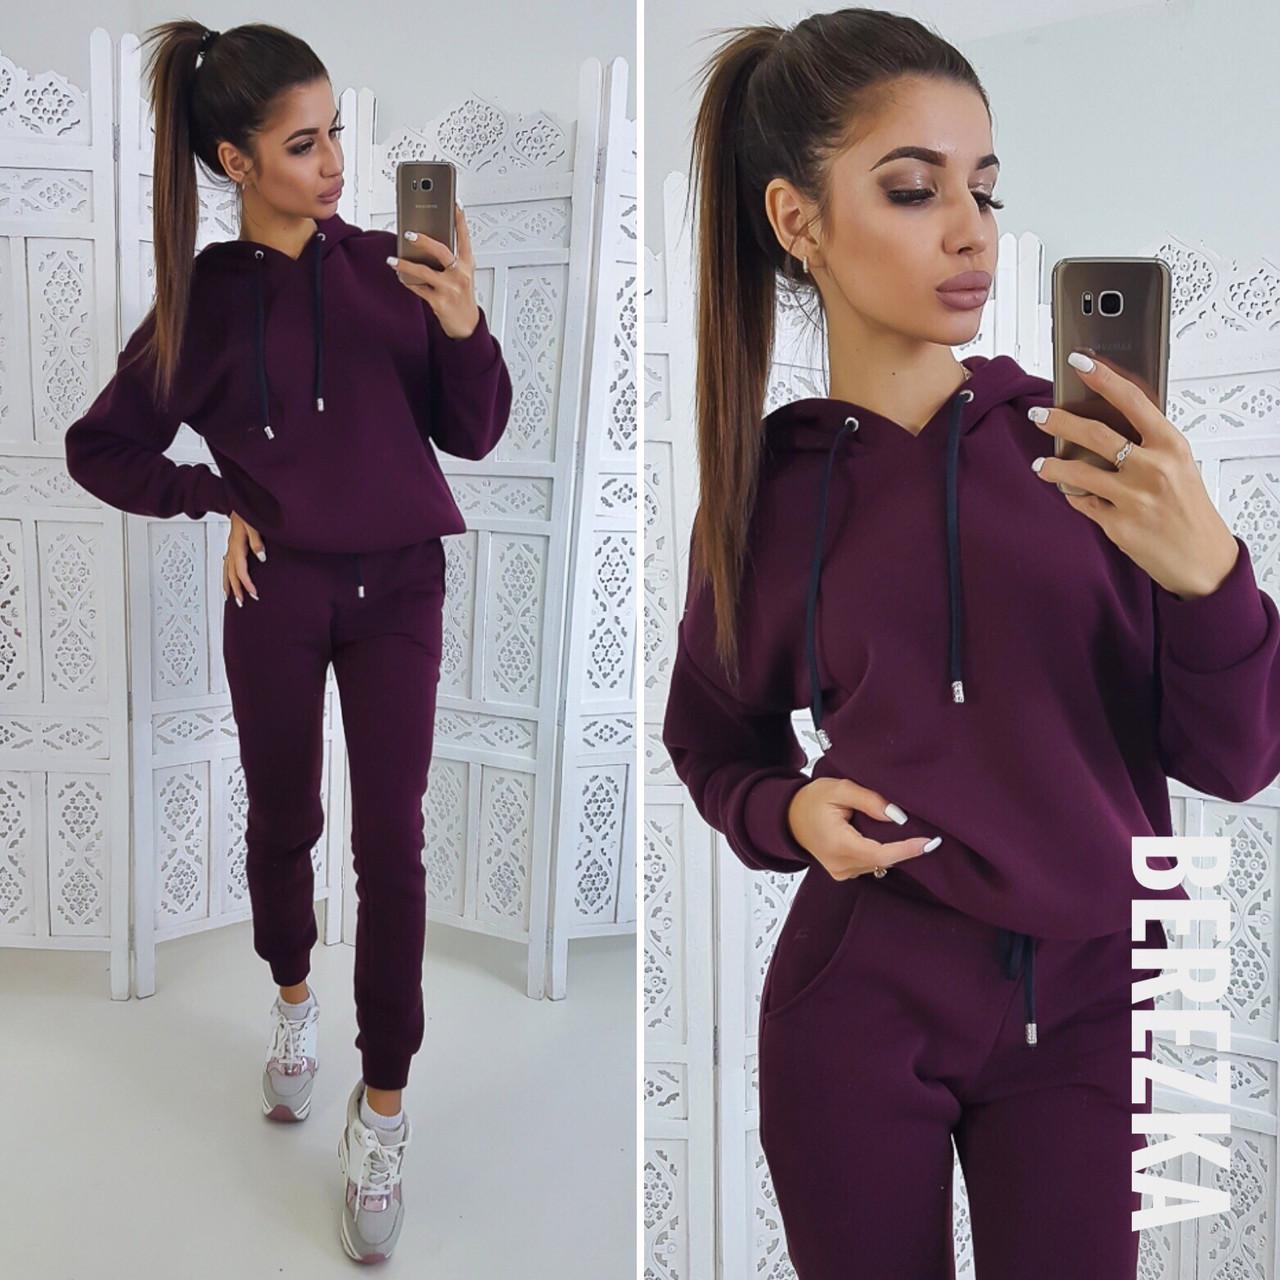 d4620659308 Женский теплый спортивный костюм с худи на флисе 1405500 - Интернет-магазин  одежды